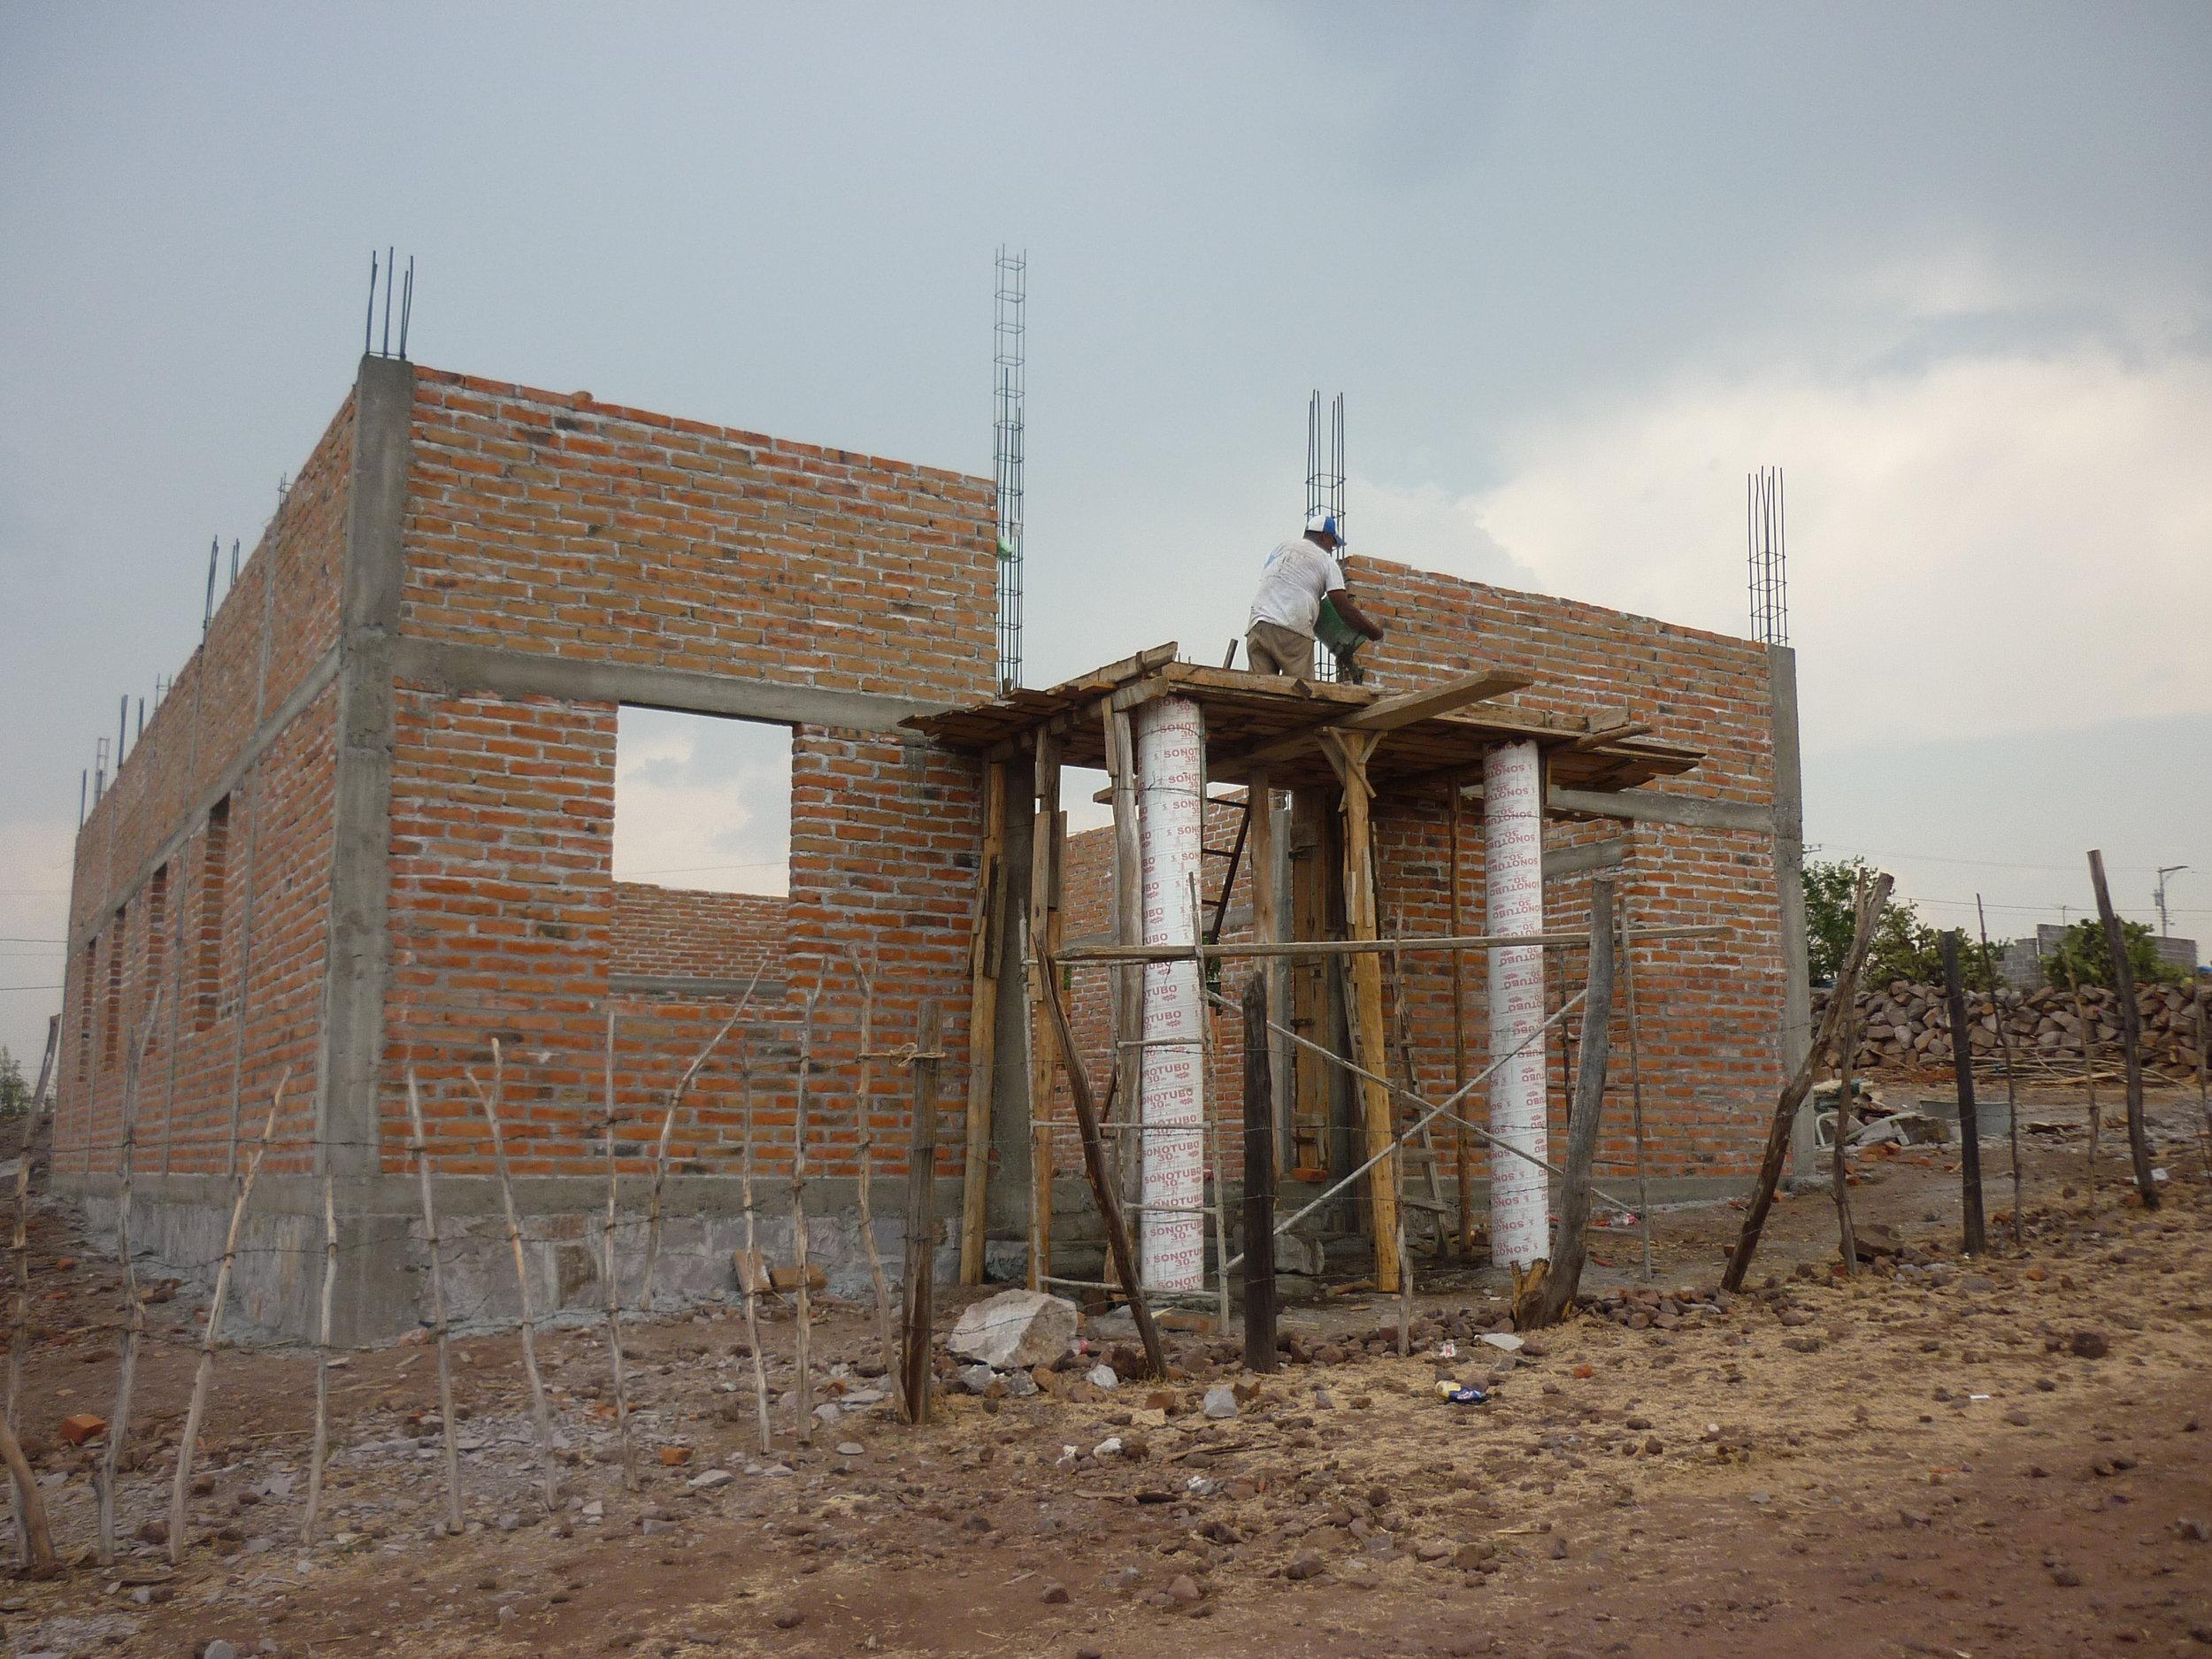 Construcción de los Muros - Podemos apreciar los muros del templo ya levantados y las columnas del frente en la entrada del templo.